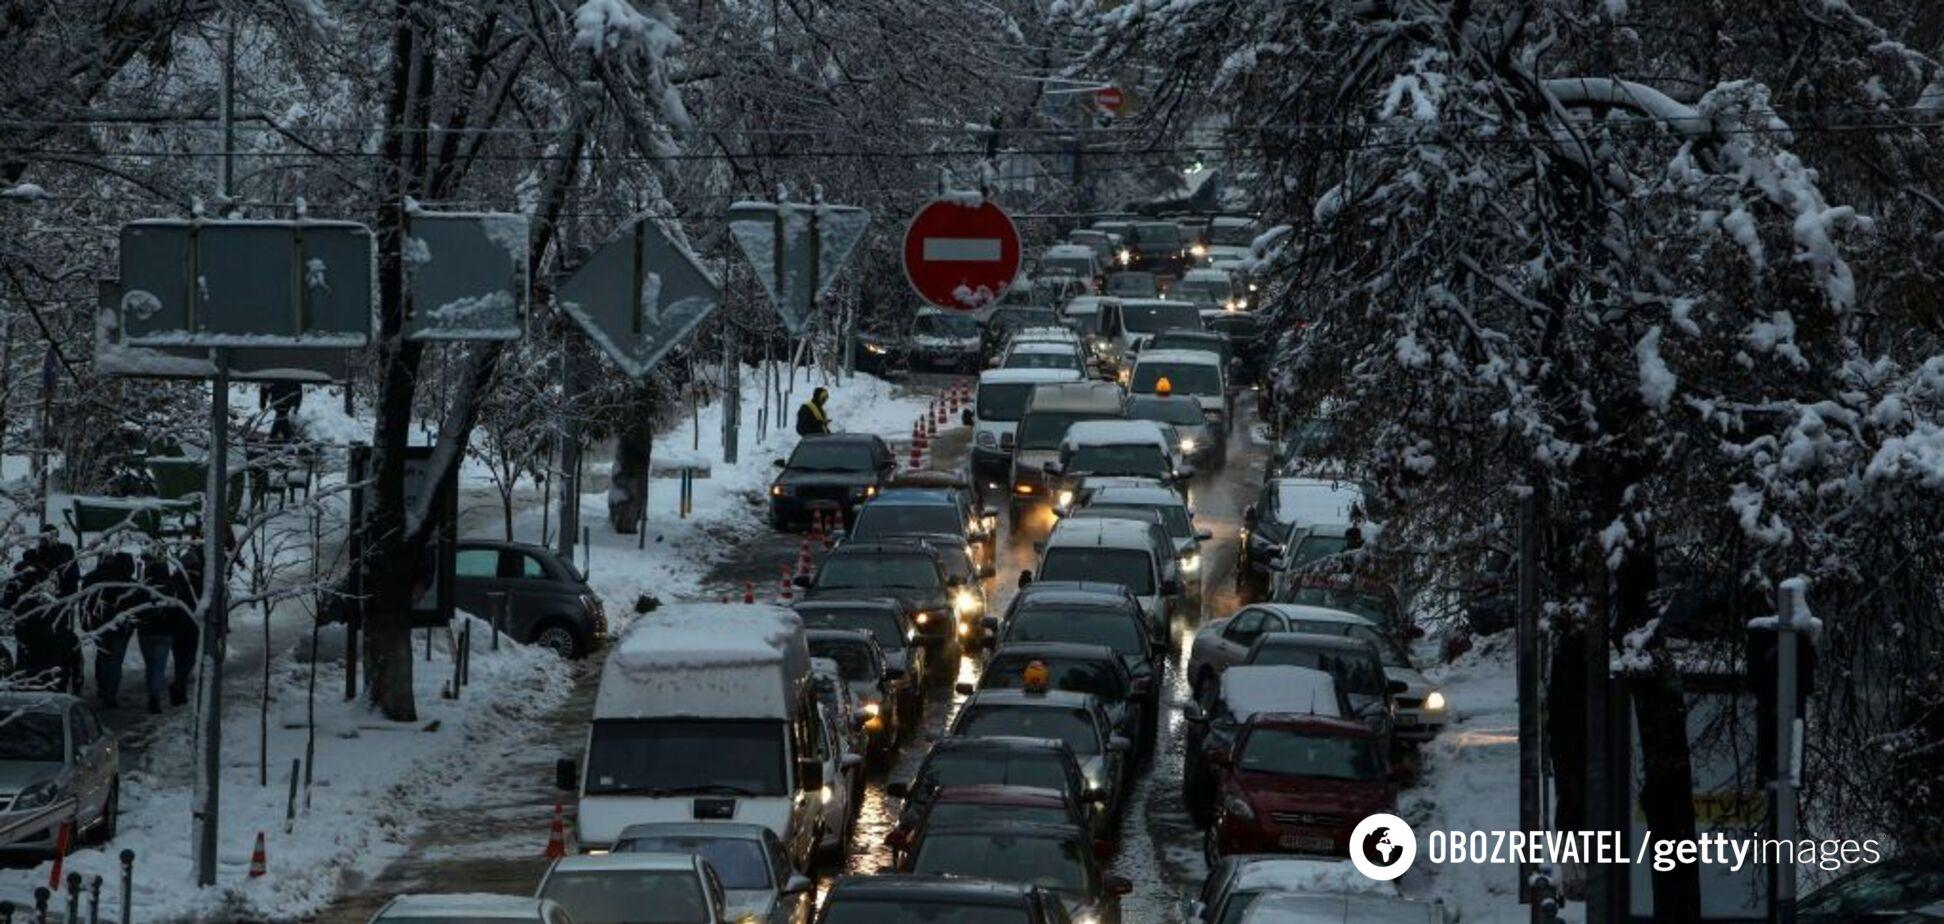 Тянутся километры: Киев замер в пробках из-за снега. Карта